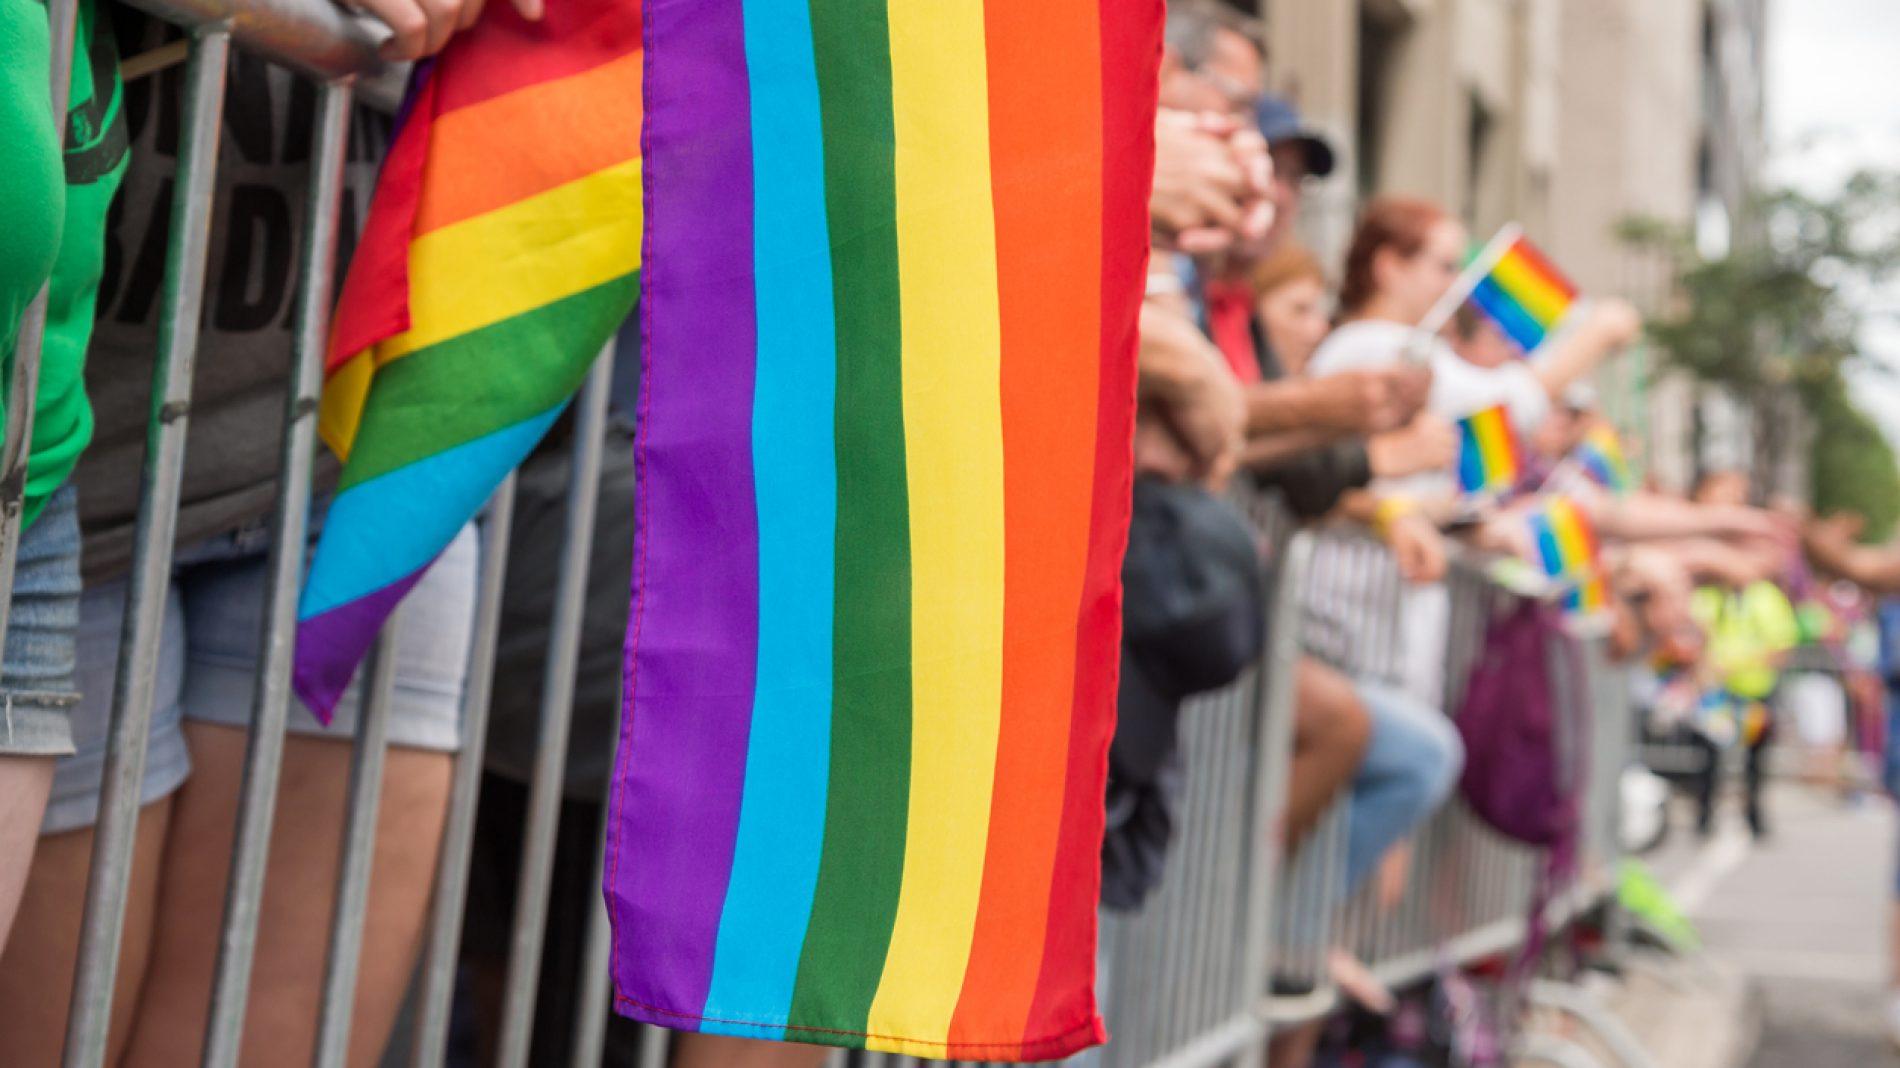 Gay rainbow flags at Montreal gay pride parade